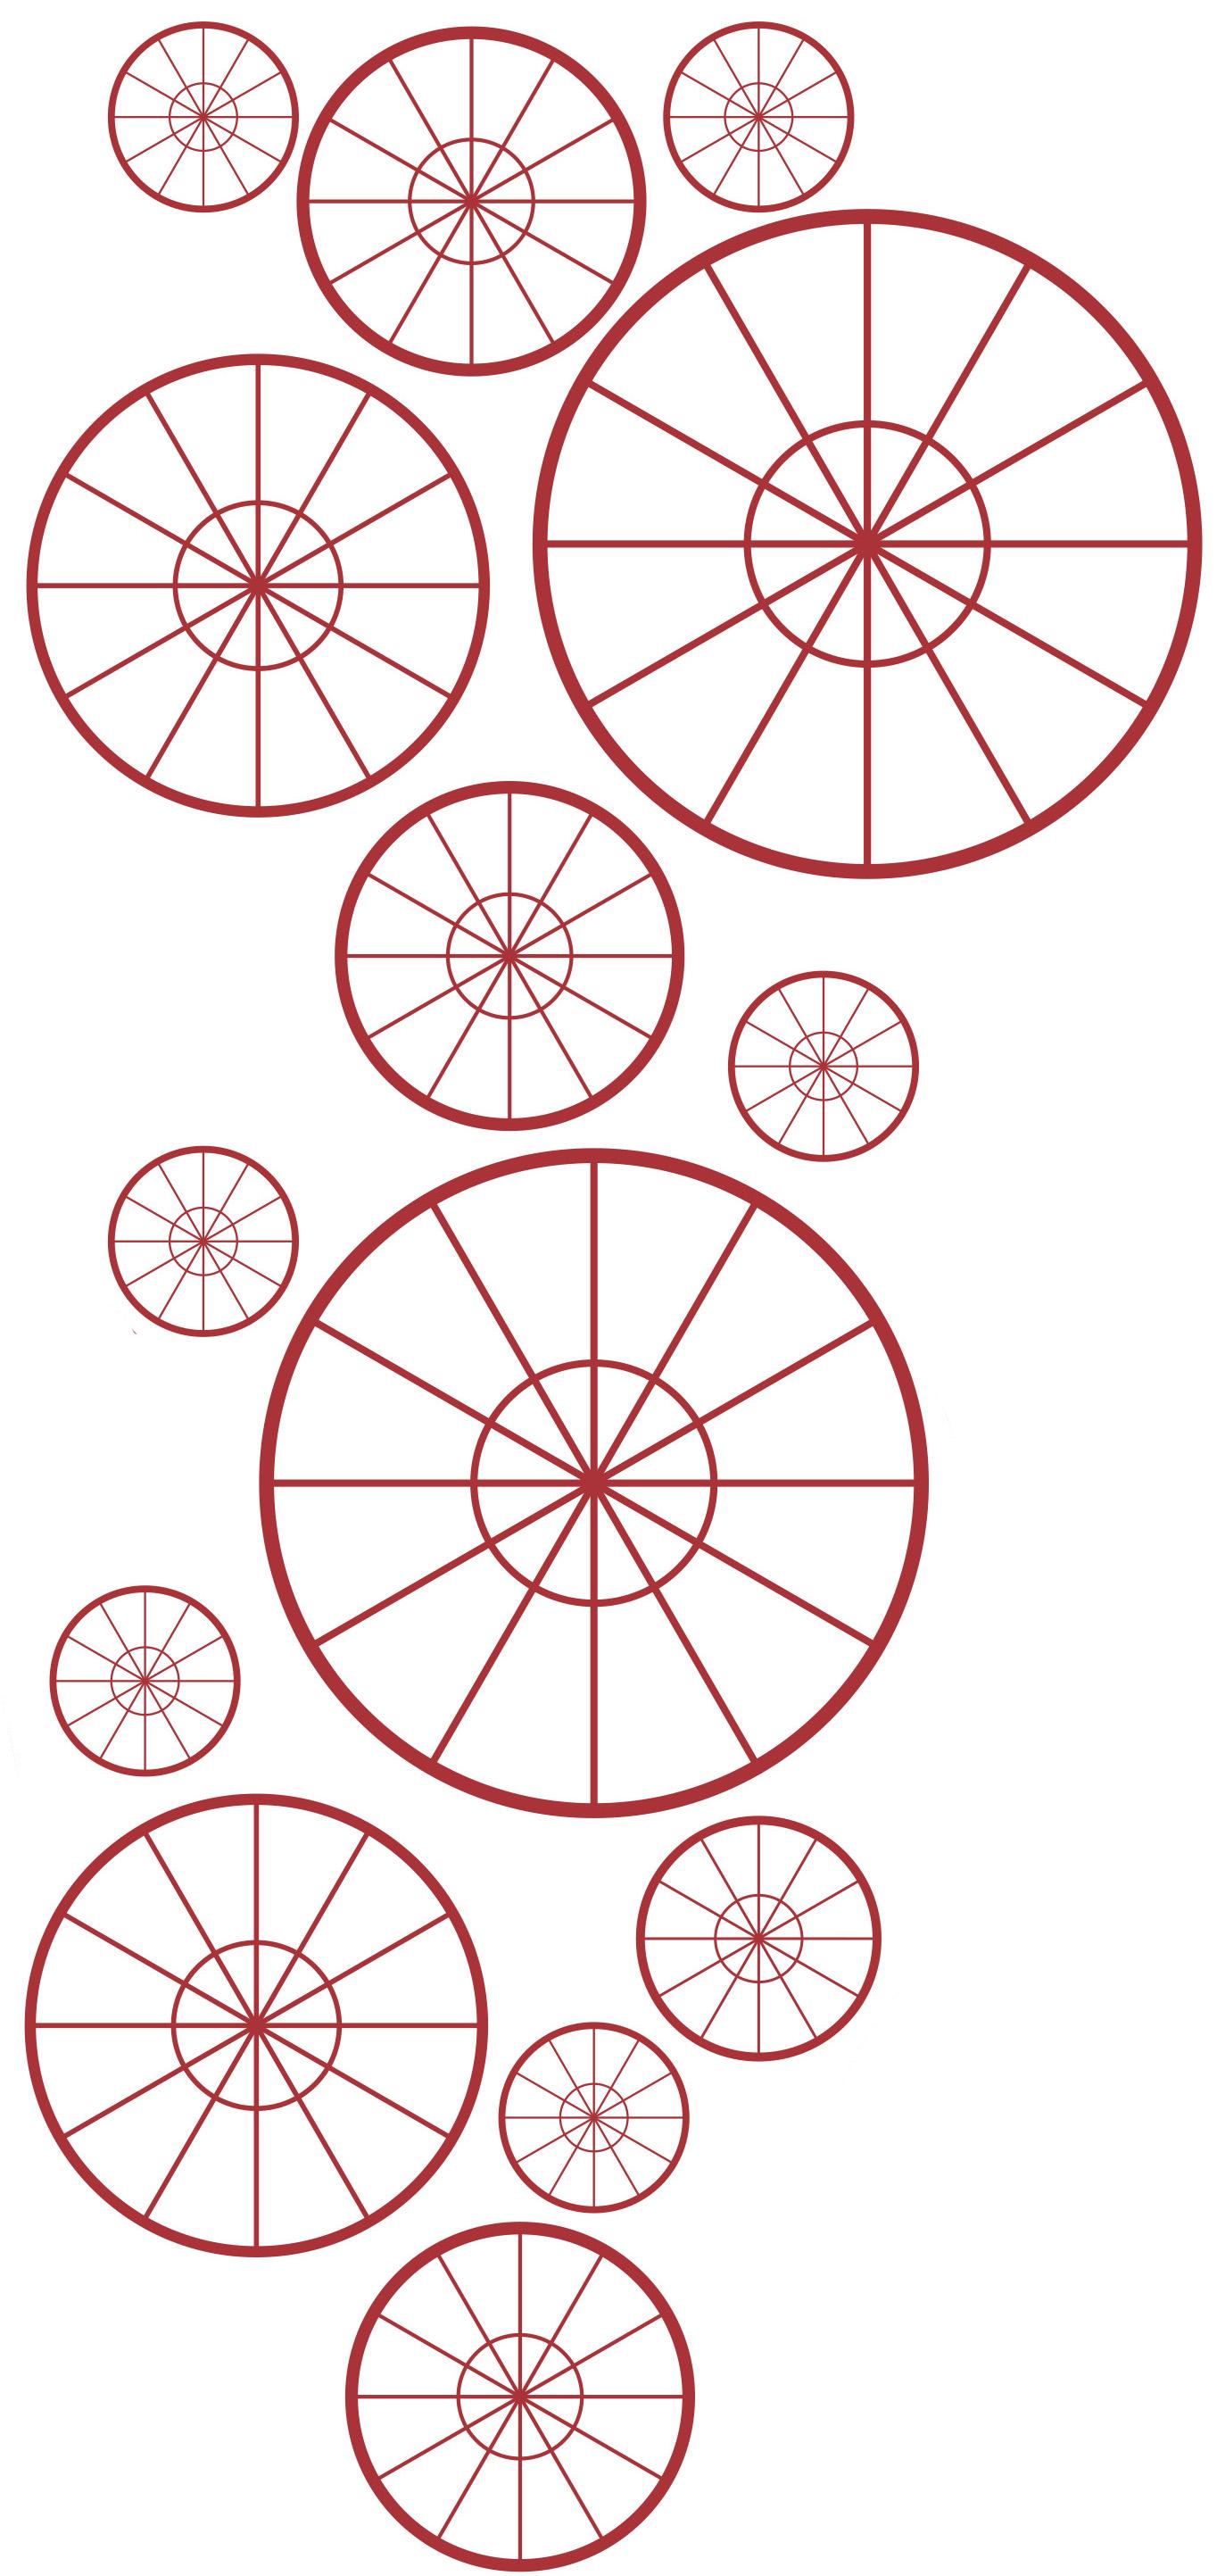 kcw_pattern